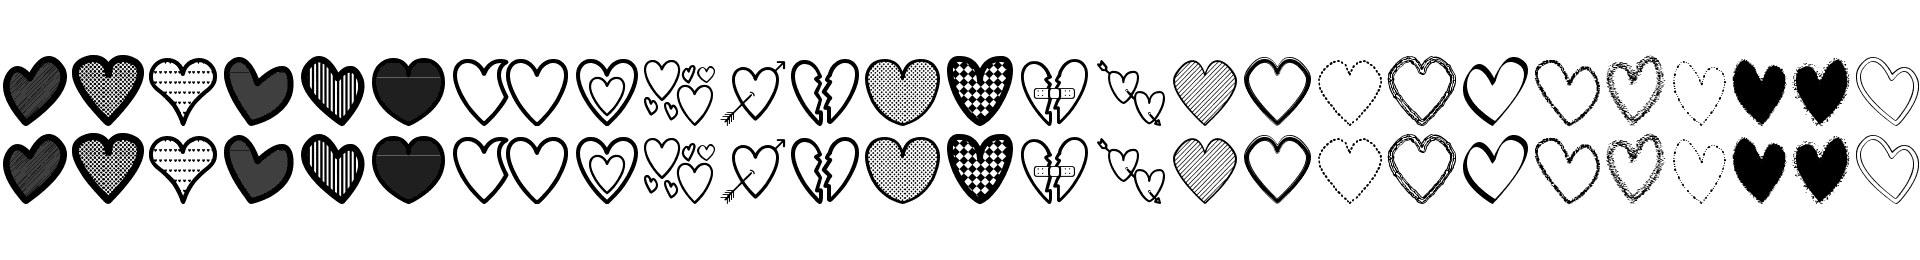 Hearts St